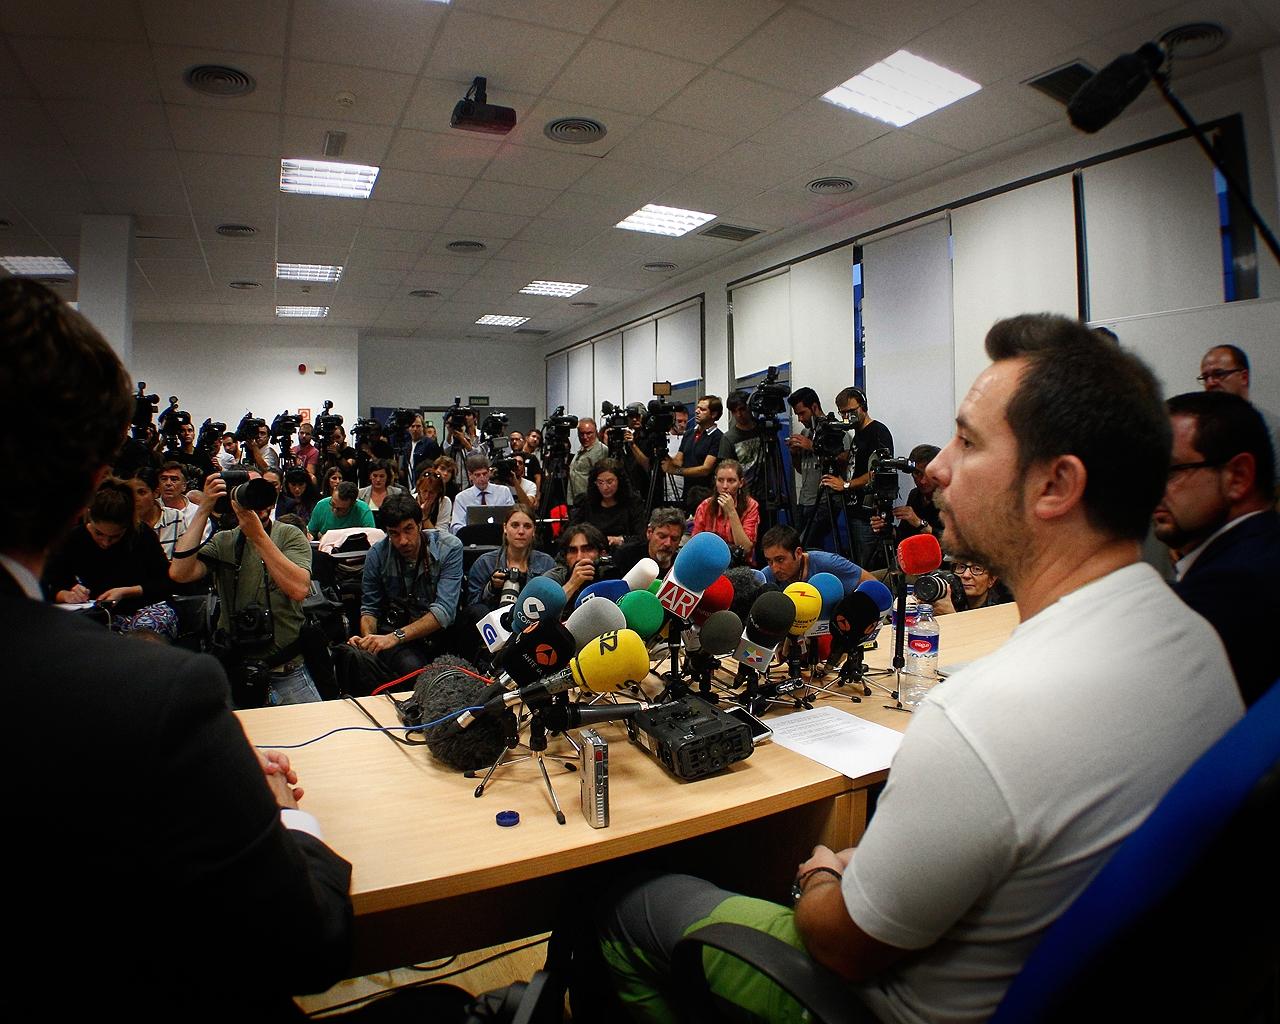 Rueda de prensa de Javier Limón, marido de Teresa Romero, tras ser infectada por ébola.